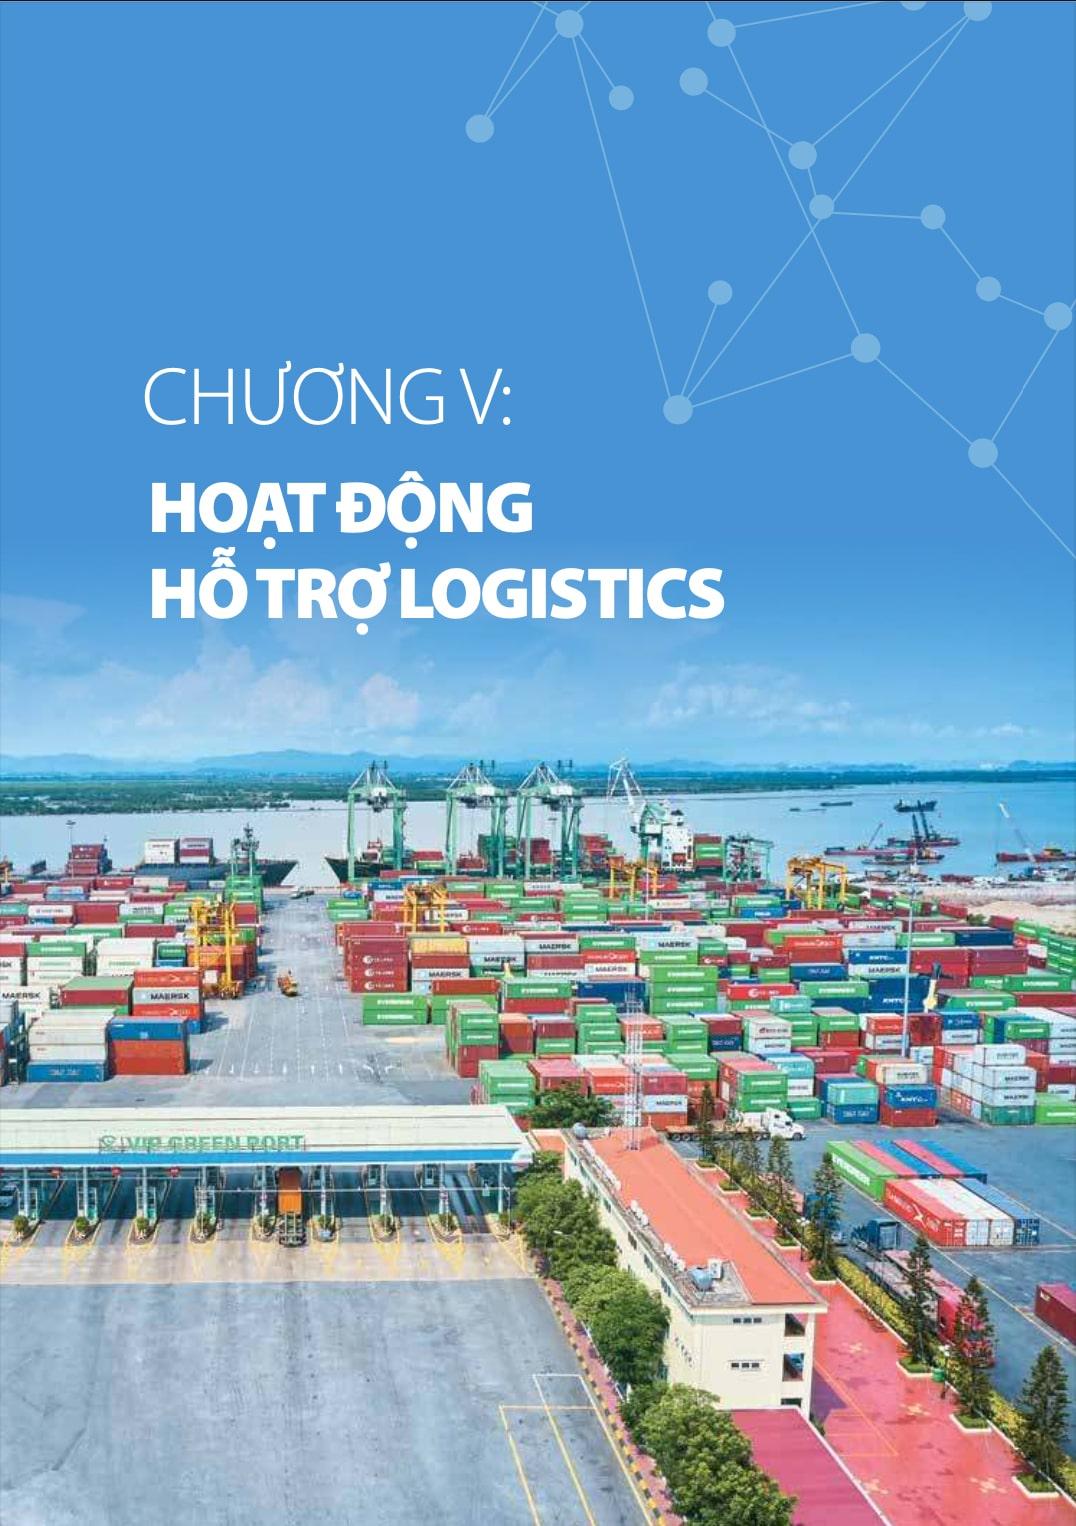 Chương 4 báo cáo logistics Việt Nam 2020: Hoạt động hỗ trợ logistics